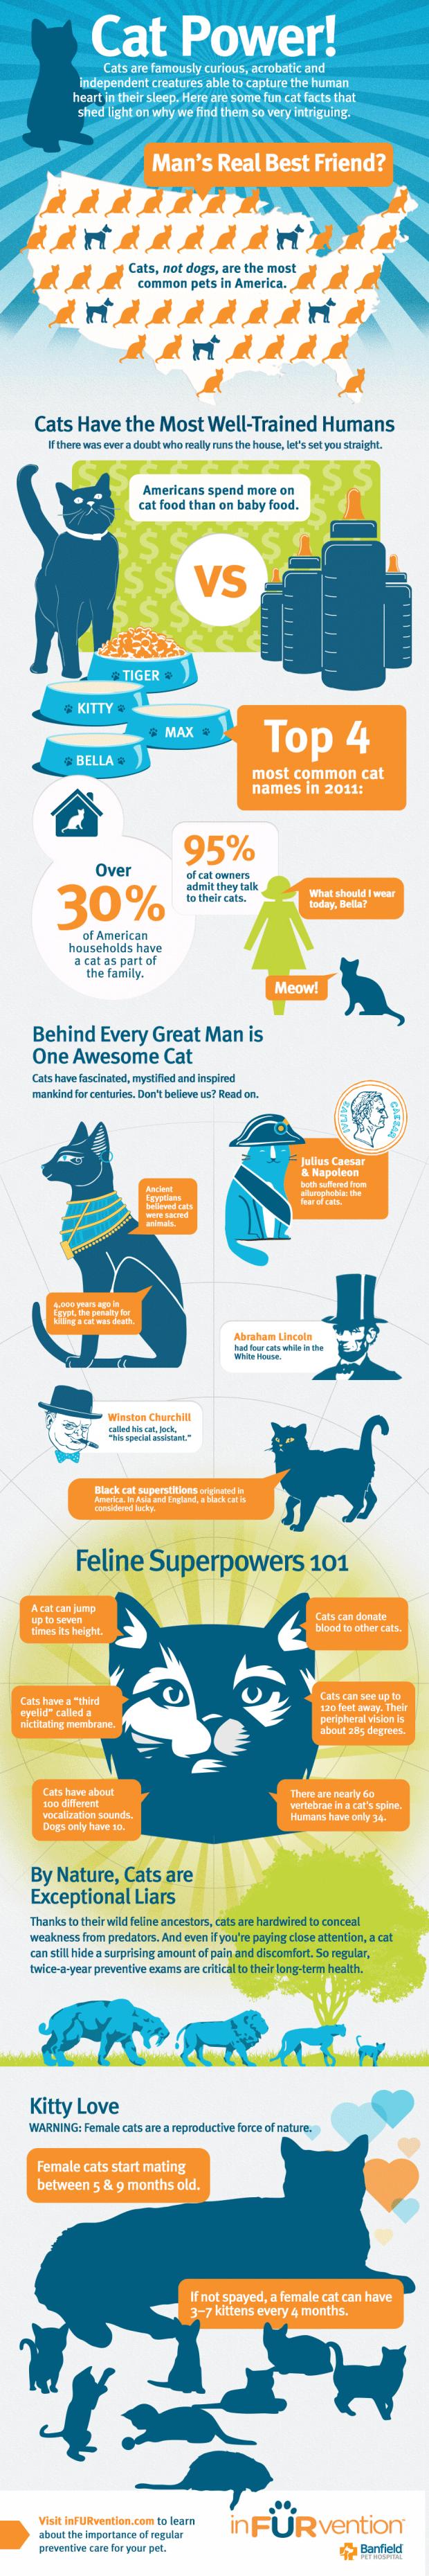 Infographic Katten aan de macht